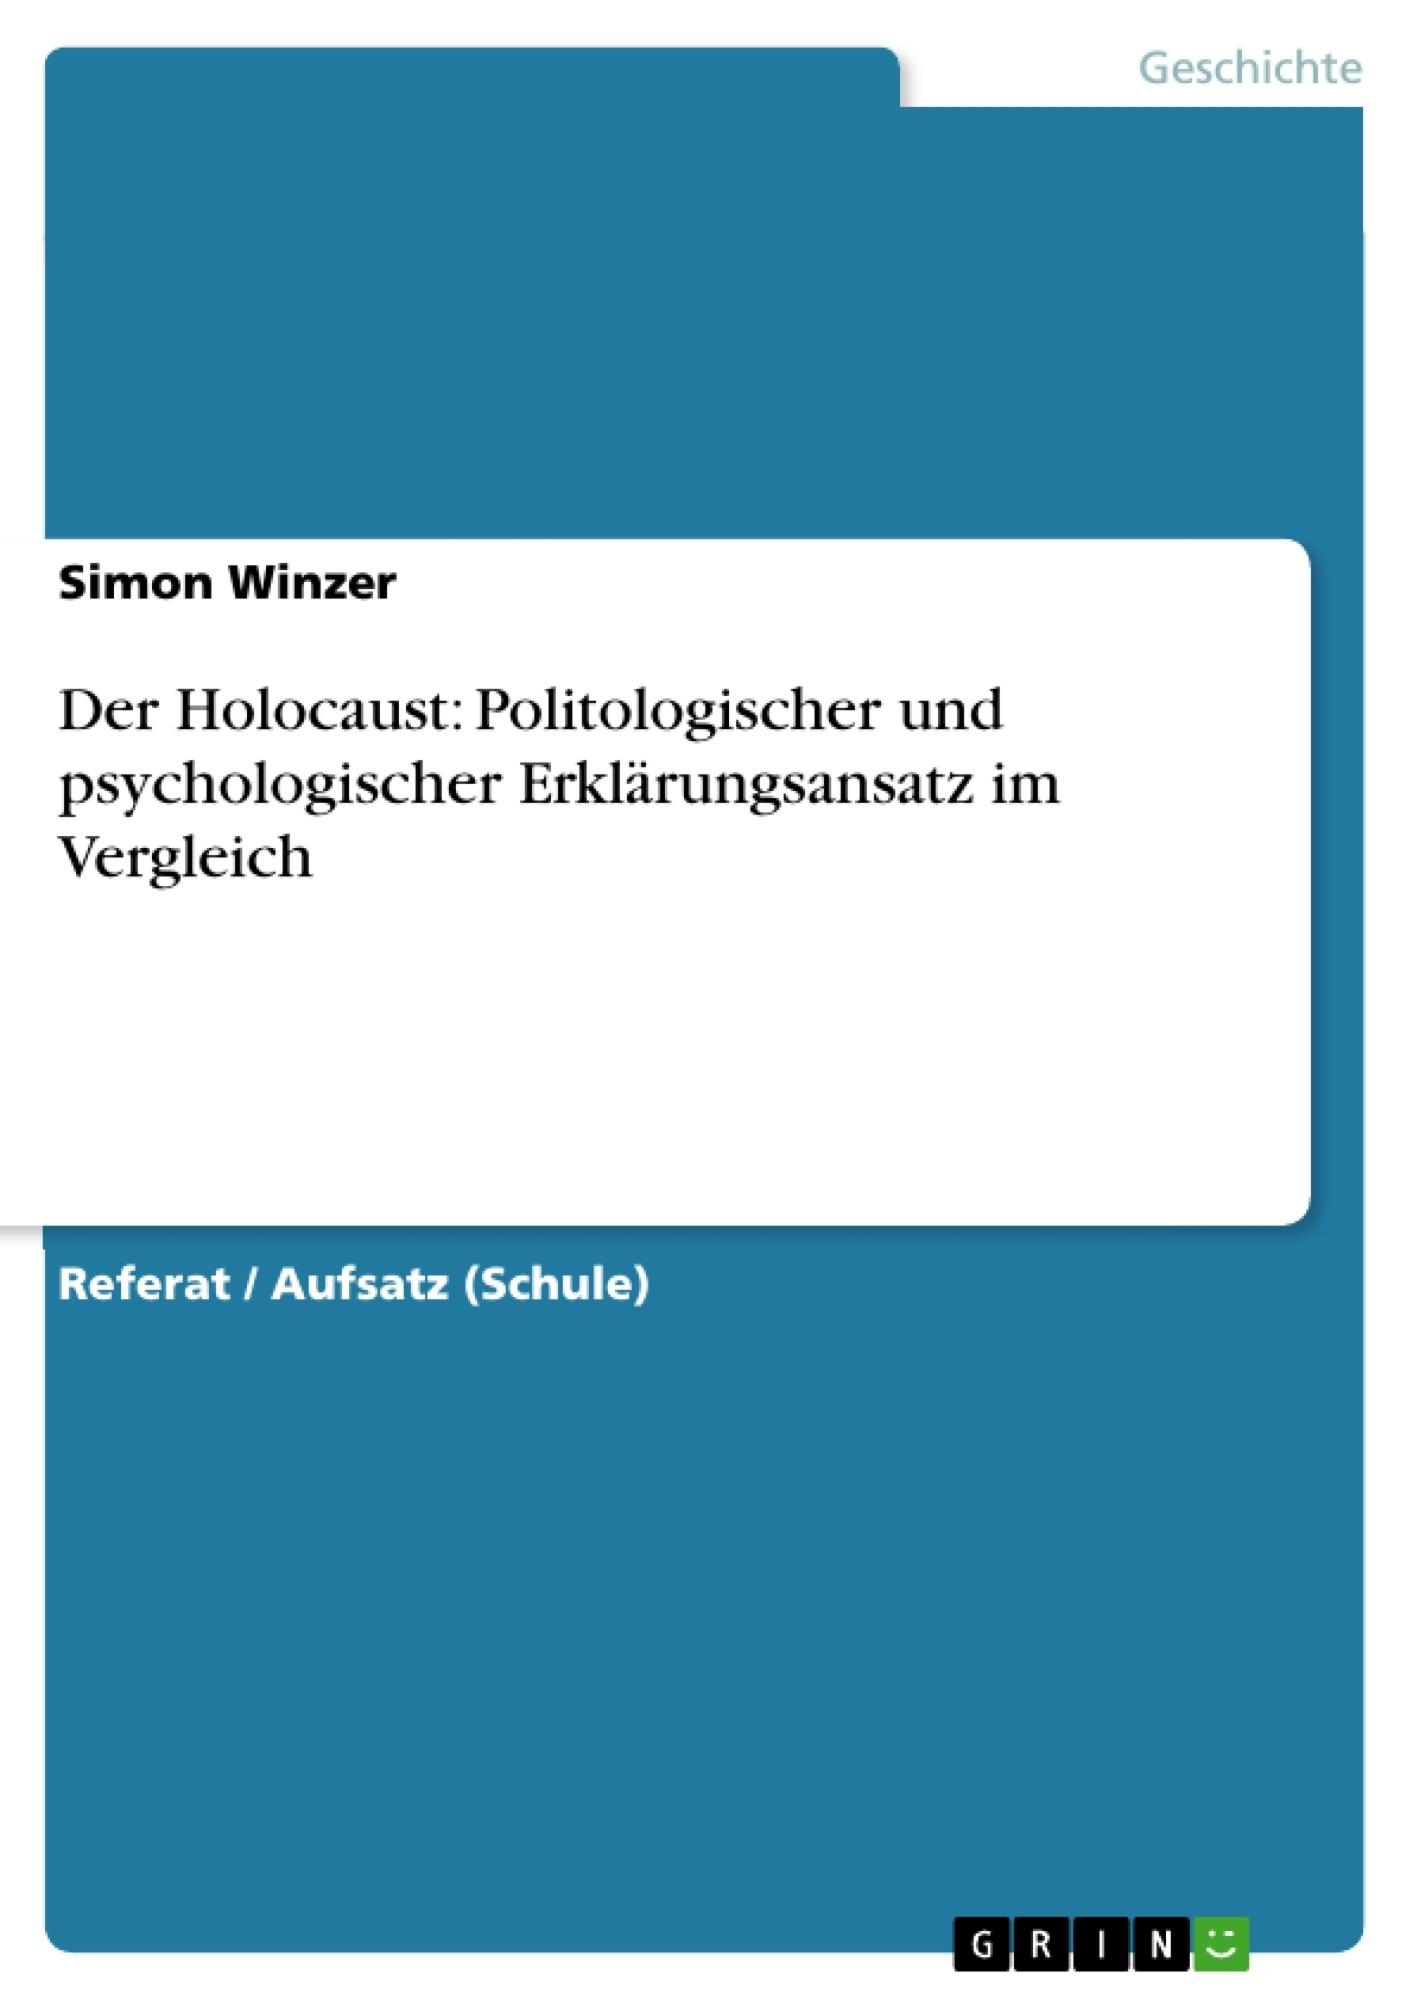 Titel: Der Holocaust: Politologischer und psychologischer Erklärungsansatz im Vergleich